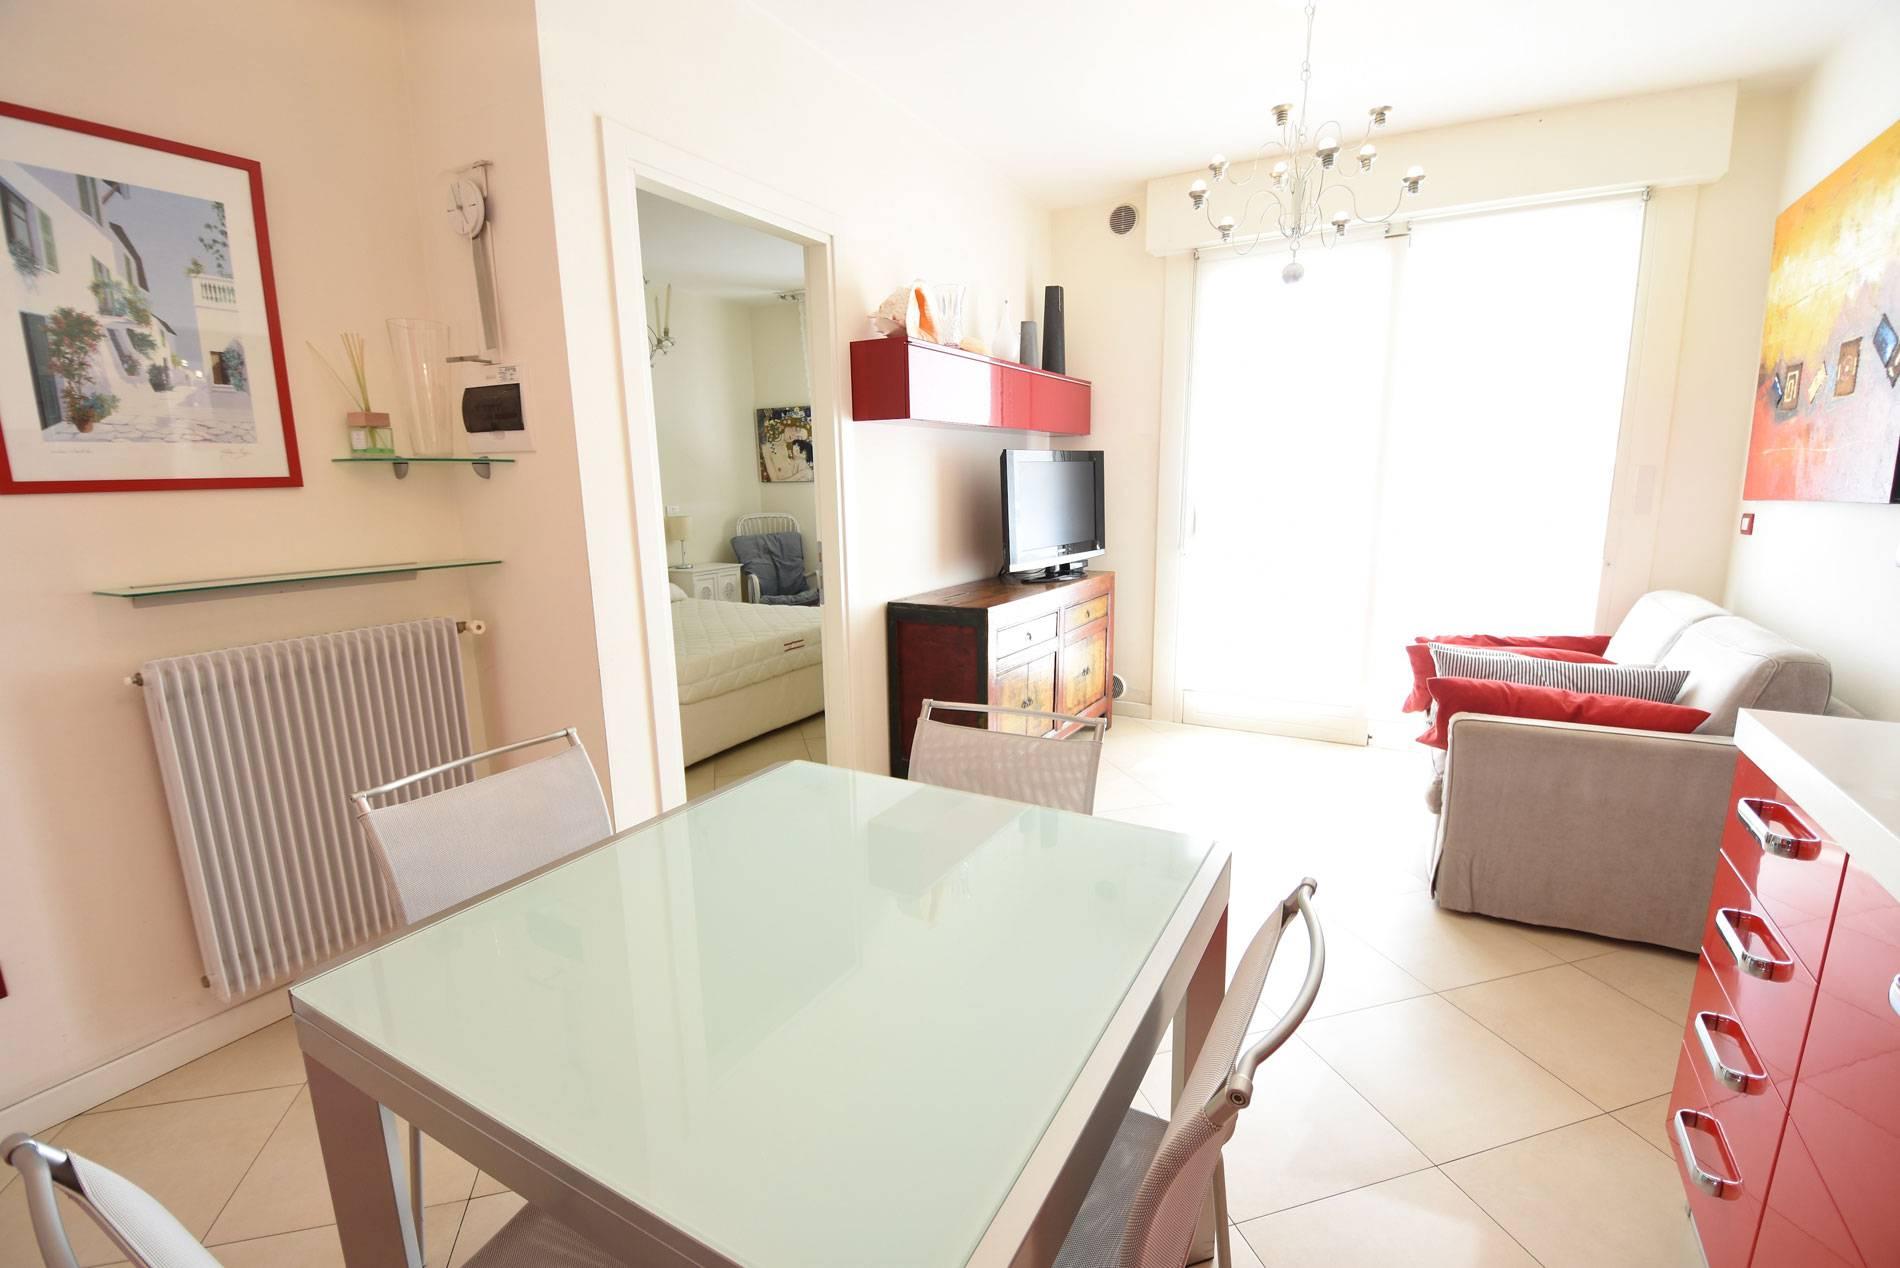 soggiorno-residence-bafile-360-729542562